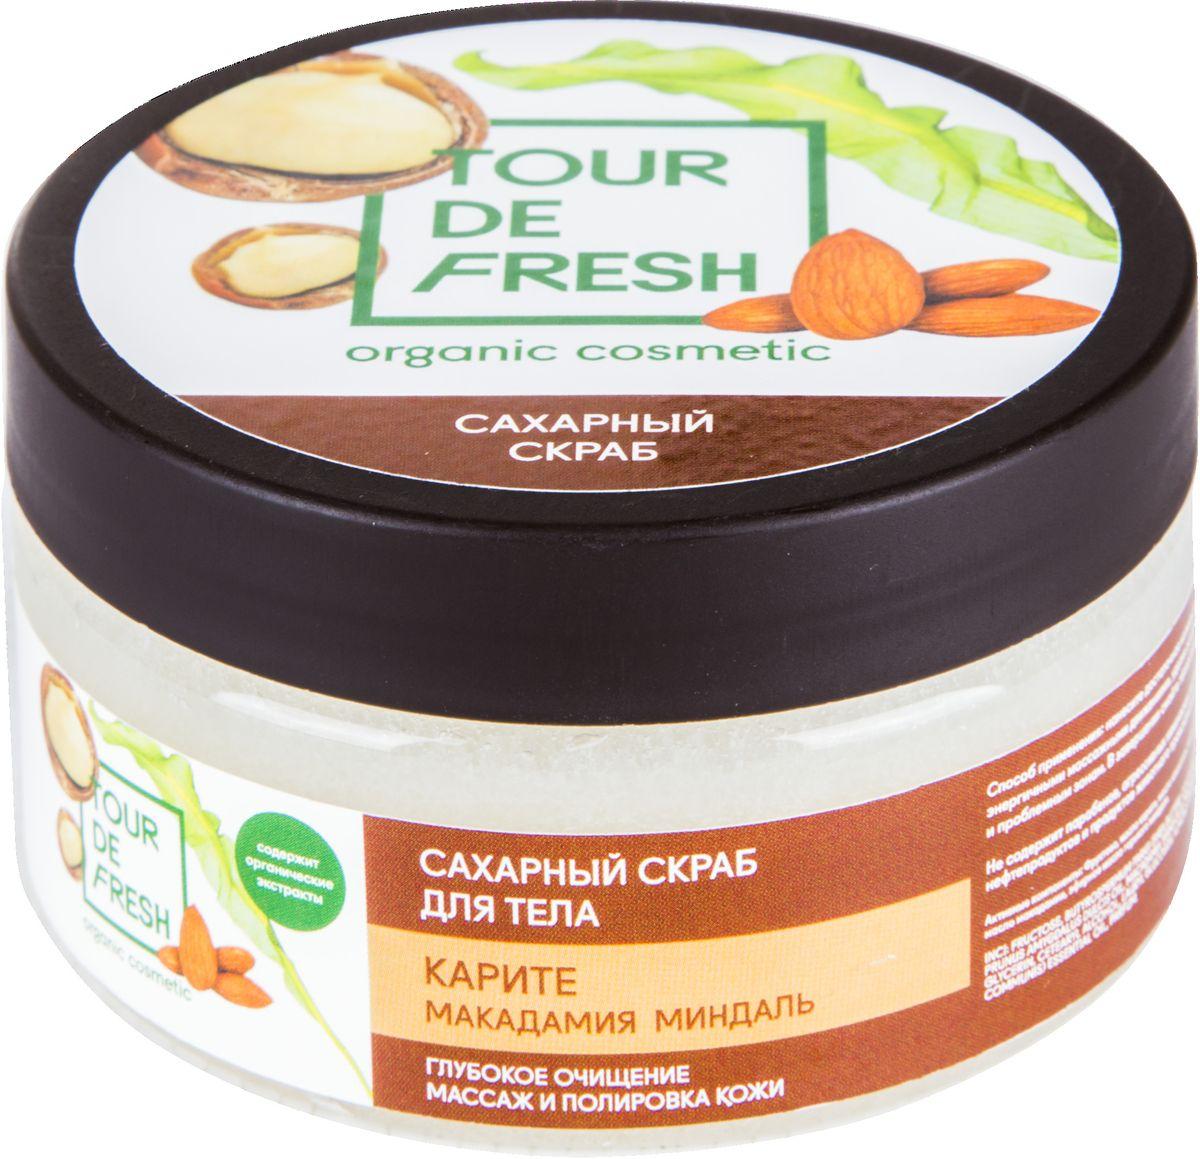 Tour De Fresh Сахарный скраб для тела Макадамия, каритэ и миндаль, 200 млУФ000000014Уникальная формула скраба способствует глубокому питанию, увлажнению и очищению кожи. Мягкие массажные элементы бережно удаляют с кожи загрязнения. Питательные элементы масла макадамии улучшают процессы восстановления клеток, а экстракт карите успокаивает кожу, способствуя заживлению микротрещин. Миндальное масло обладает притягательным сладким ароматом, который надолго сохраняется на коже.